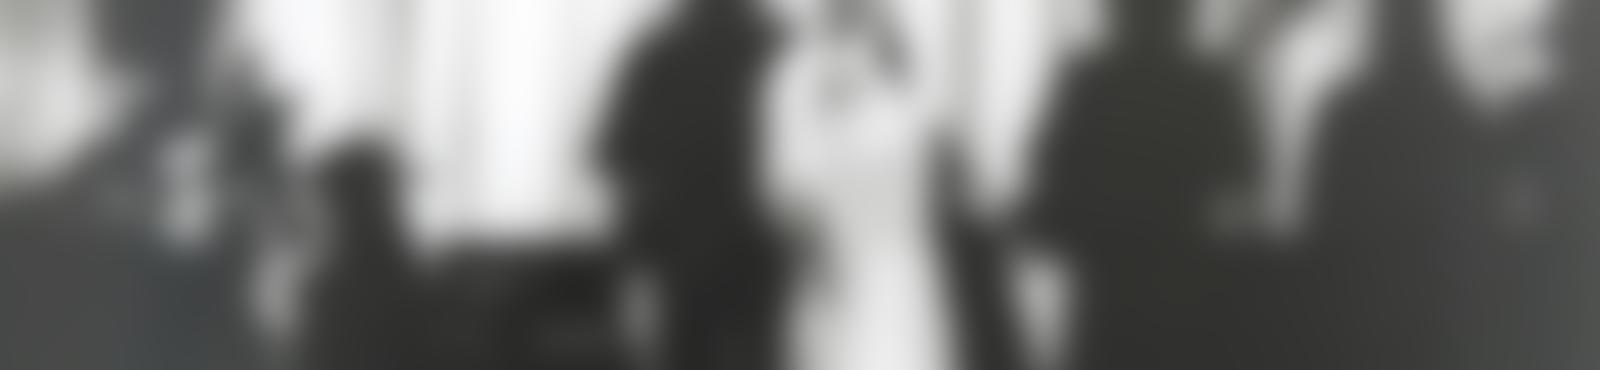 Blurred 5b3779d9 356e 406c a529 17c5a2987fb4